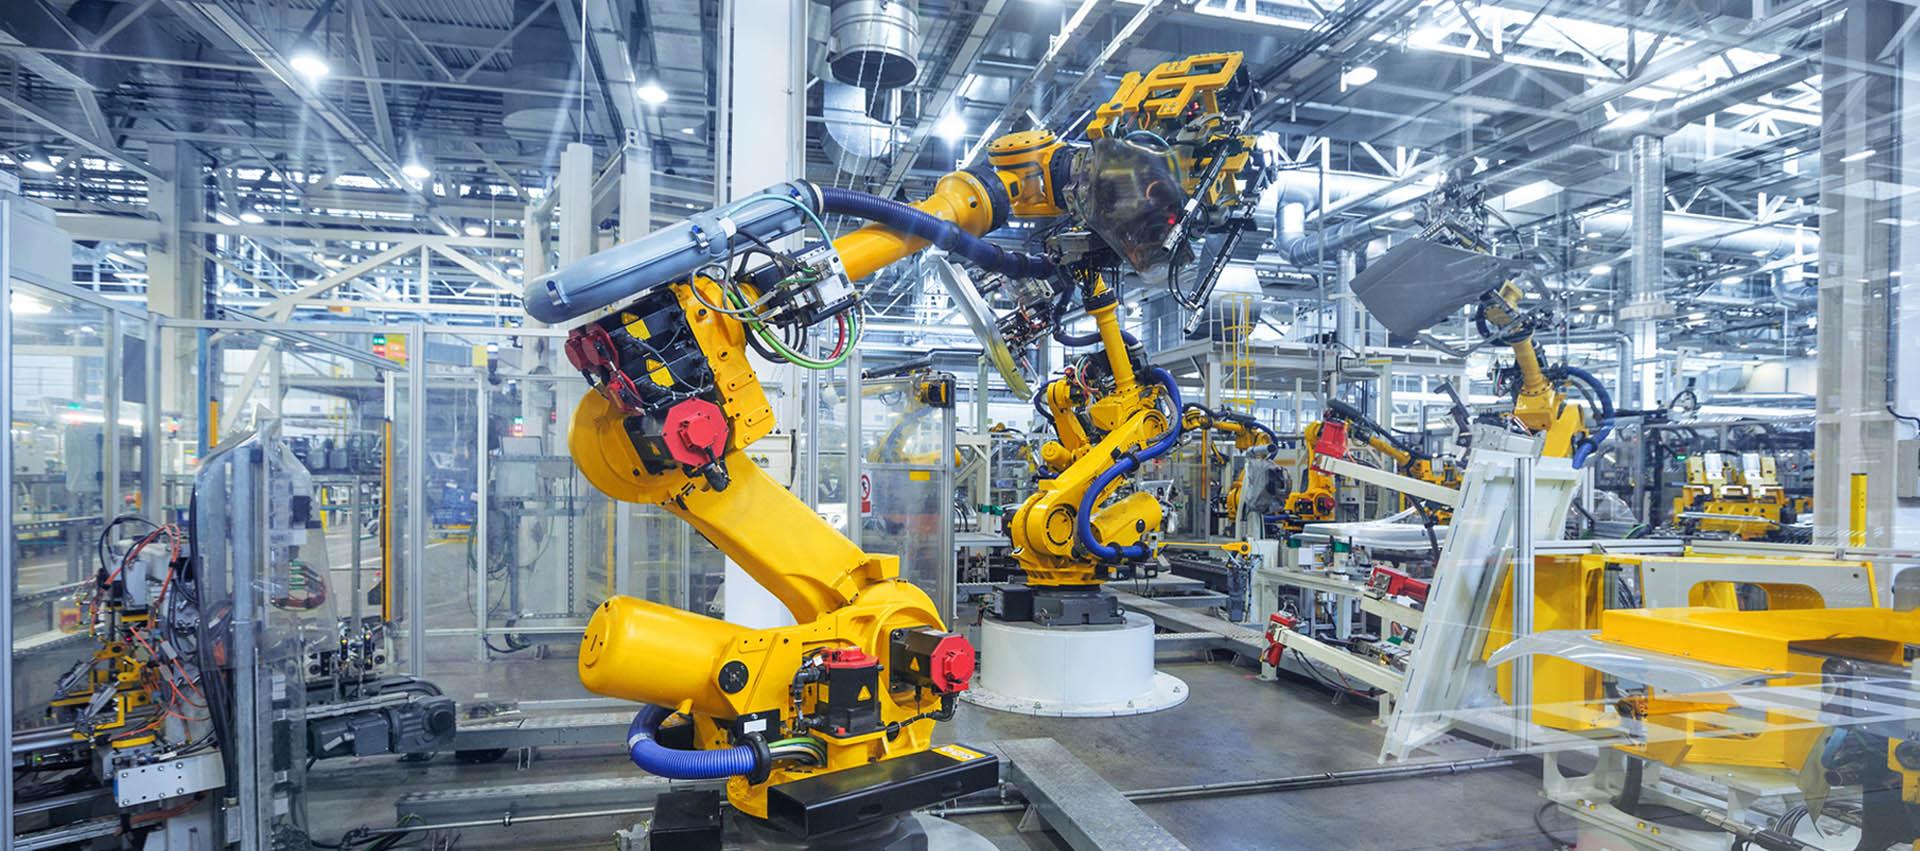 江淮蔚来合肥产线完成阶段性改造 新增101台机器人、年产能达12万